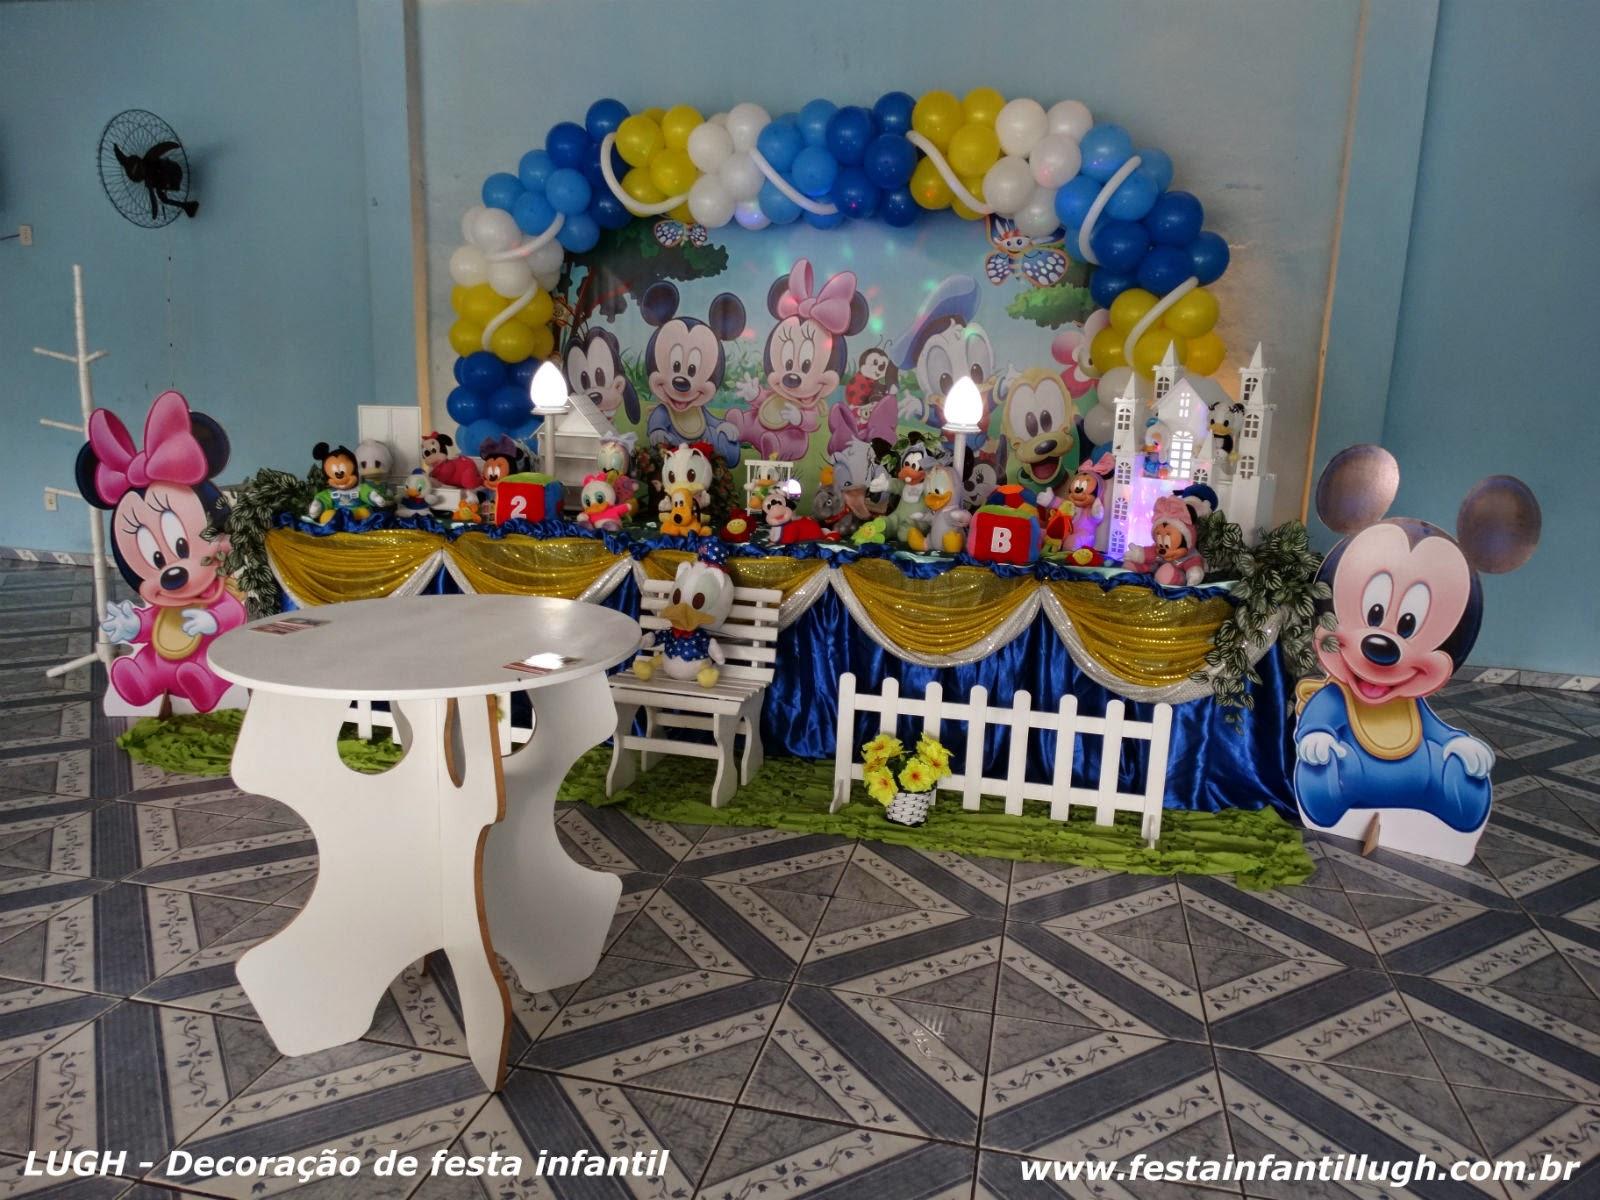 decoração de festa infantil com o tema Baby Disney - mesa decorada para aniversário